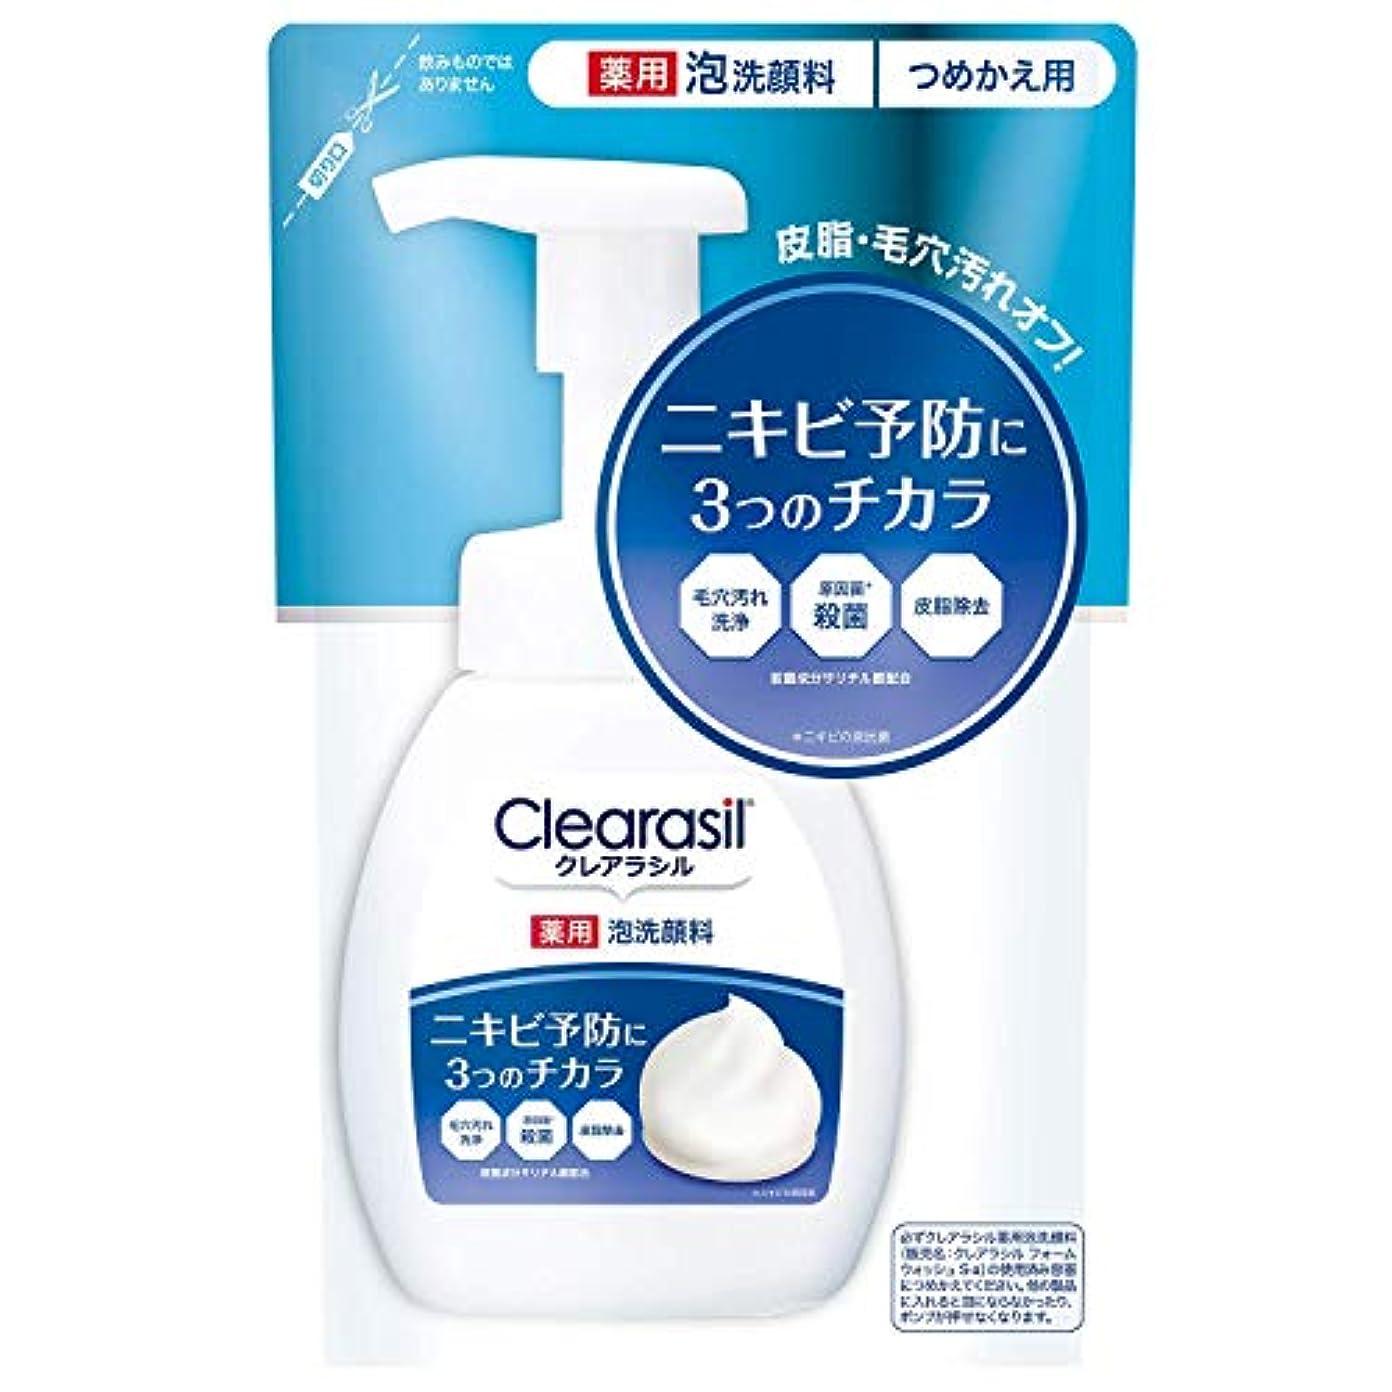 確保するエキス学習者クレアラシル 薬用泡洗顔フォーム10X 180ml ×2セット